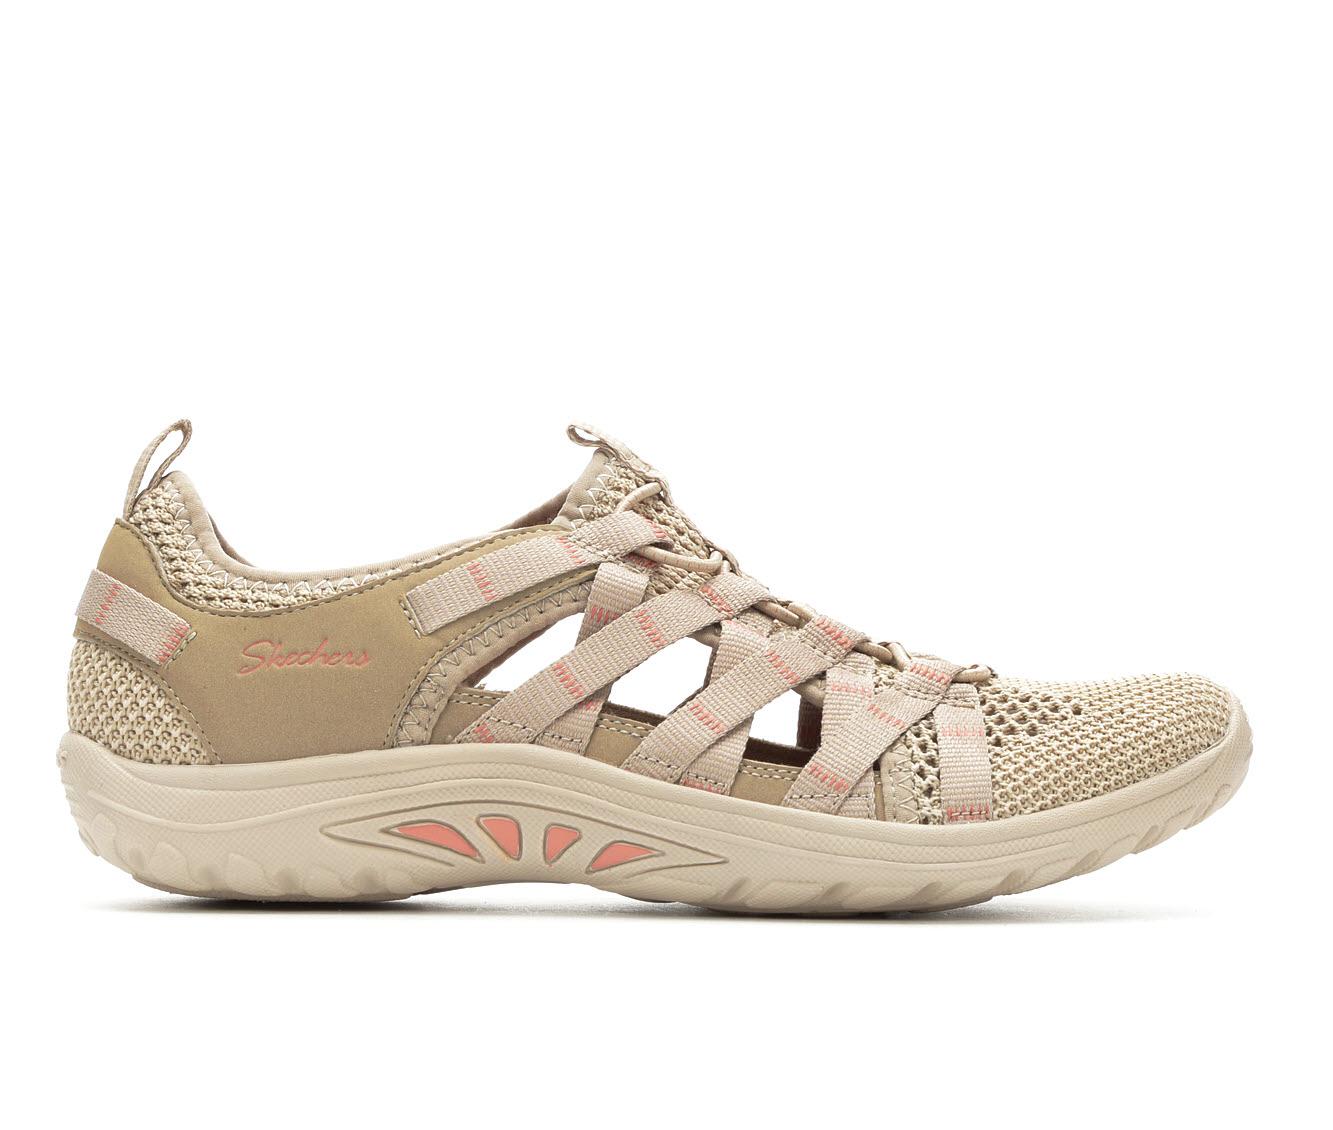 Skechers Neap 49589 Women's Shoe (Brown Canvas)